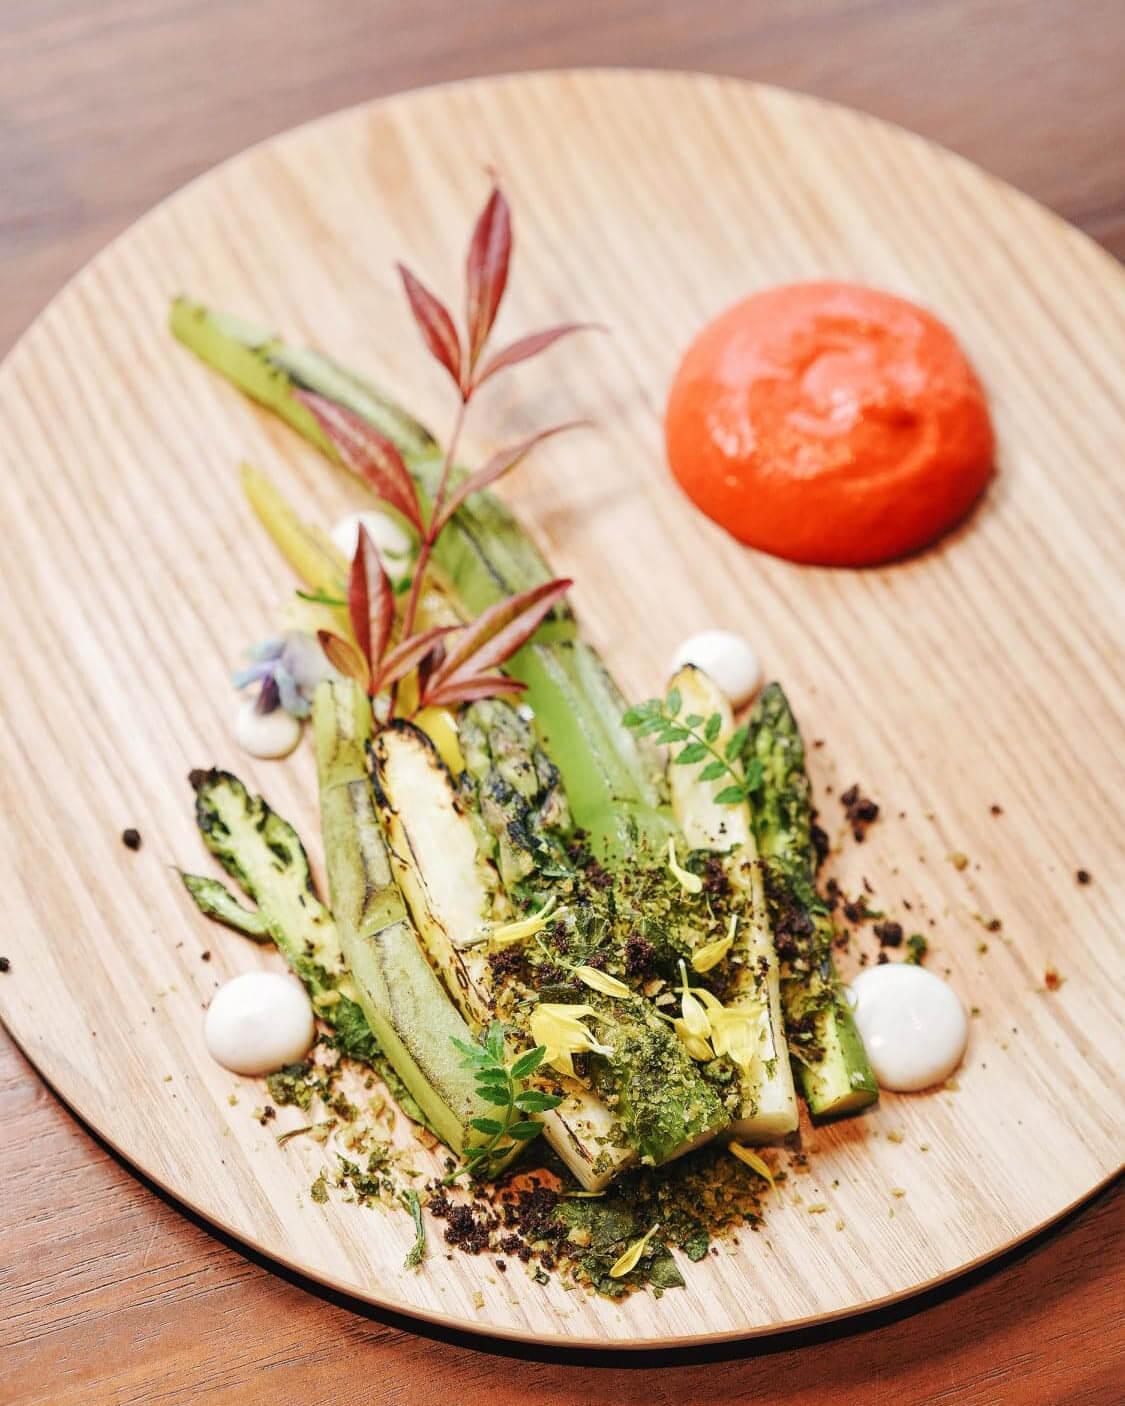 以日本江戶時代畫師歌川國丸作品為題,打造菜餚。